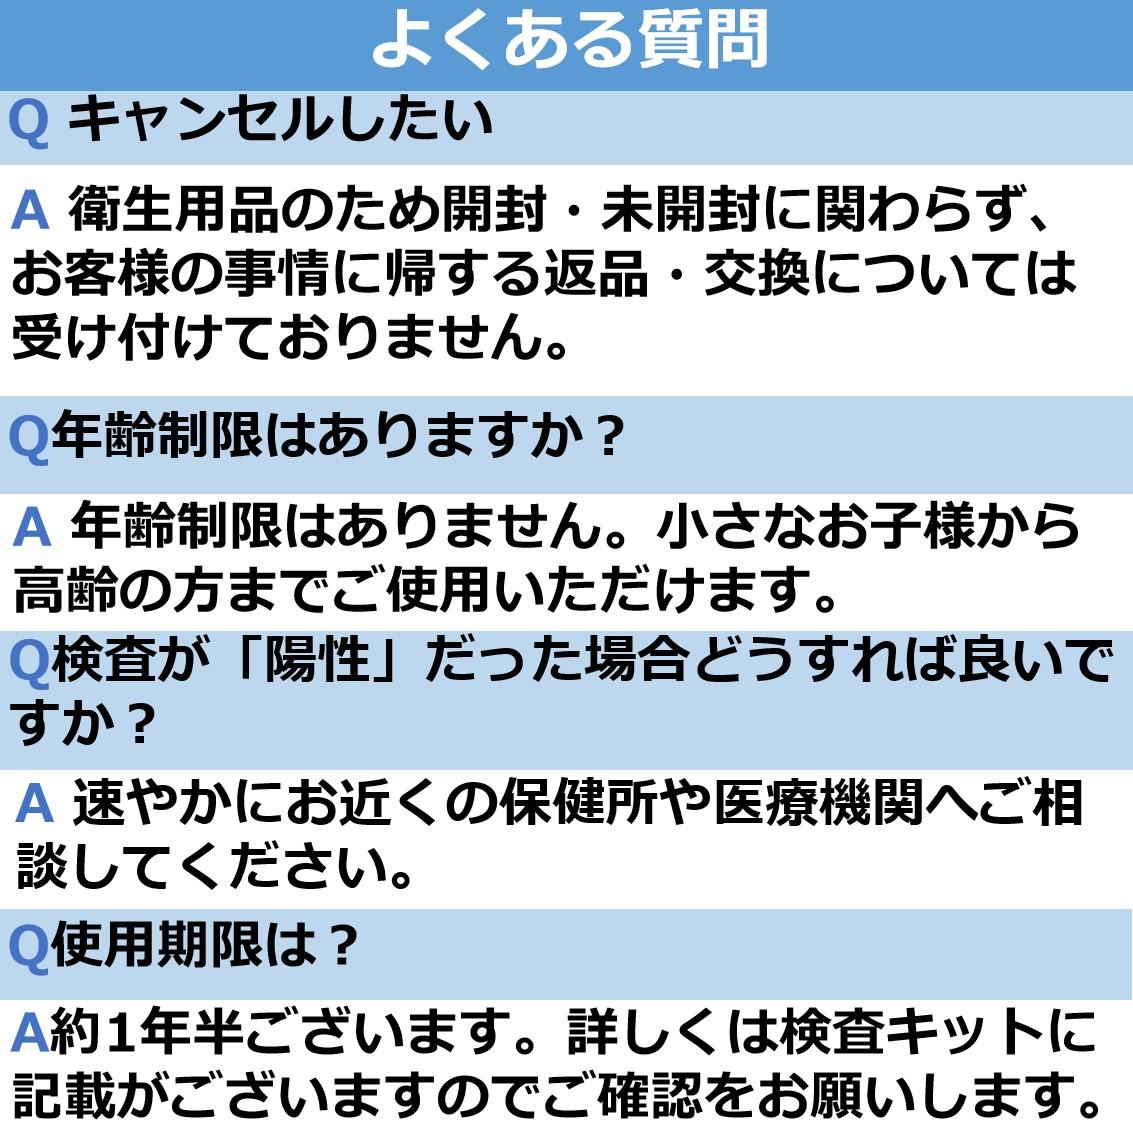 法人様割引!!@2800円【1000回分】新型コロナ抗原検査キット※送料無料